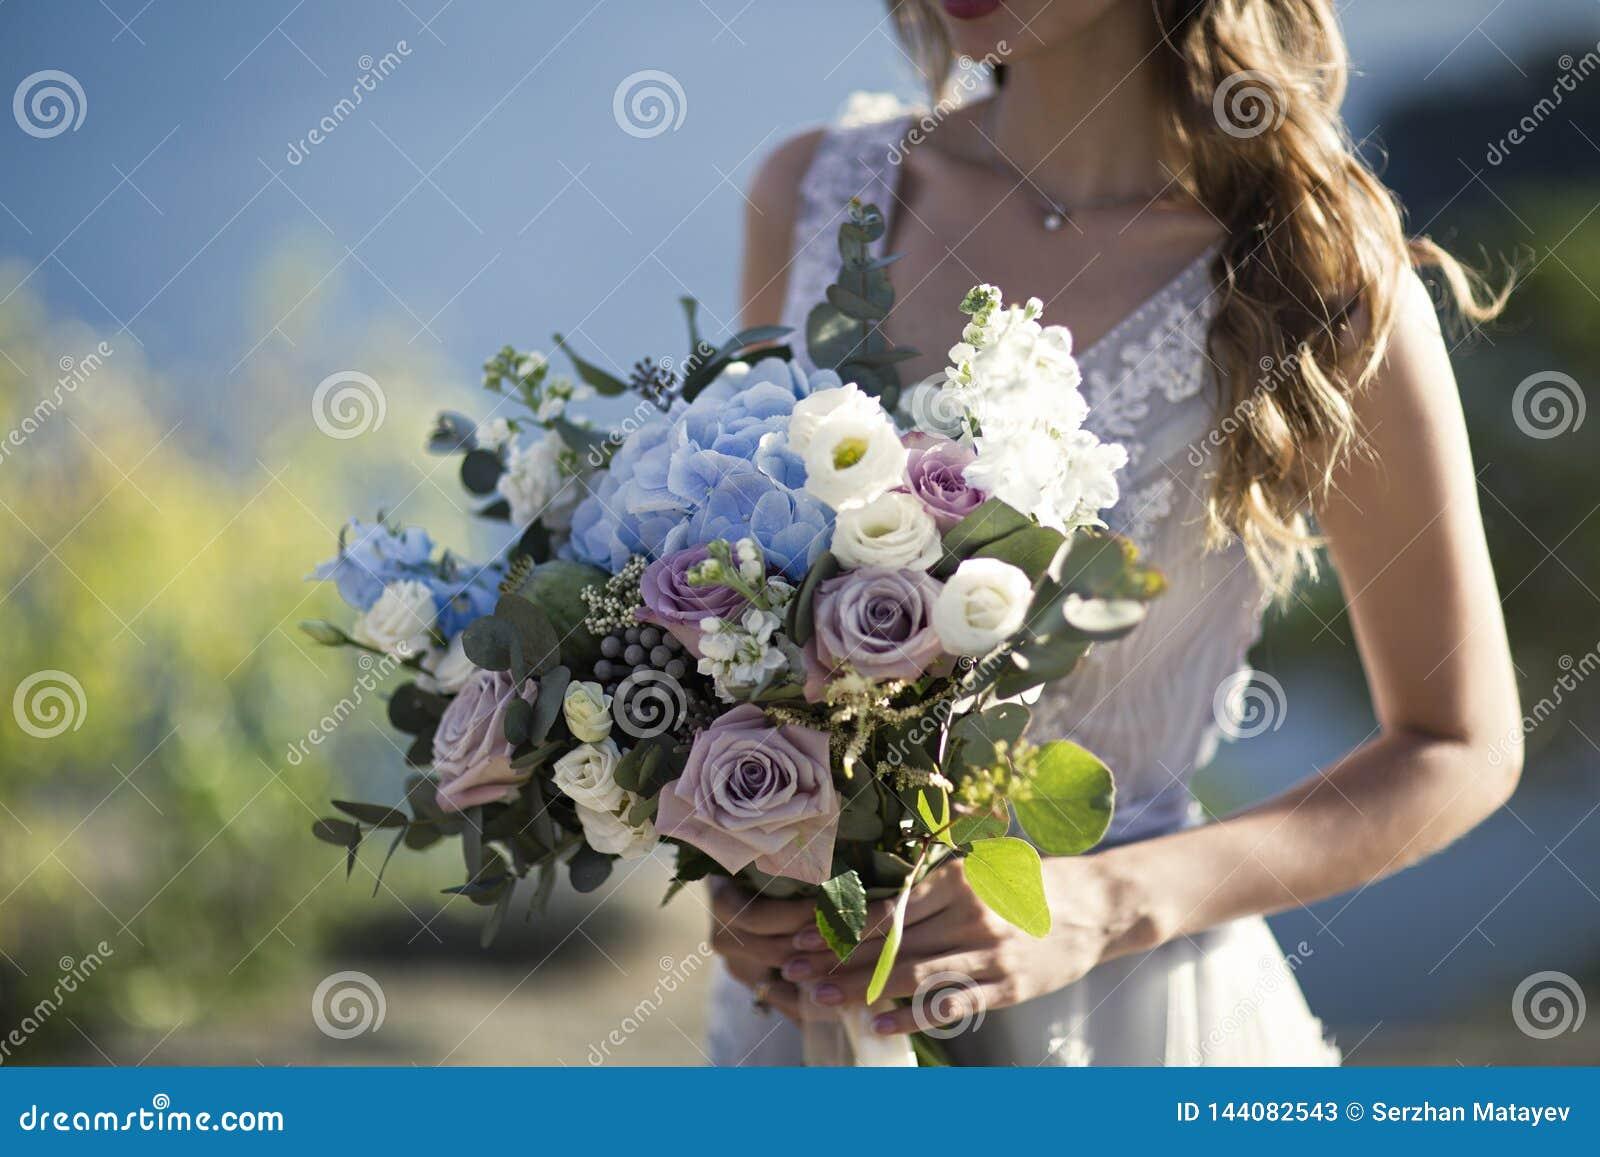 Braut hält Hochzeitsblumenstrauß auf Naturhintergrund